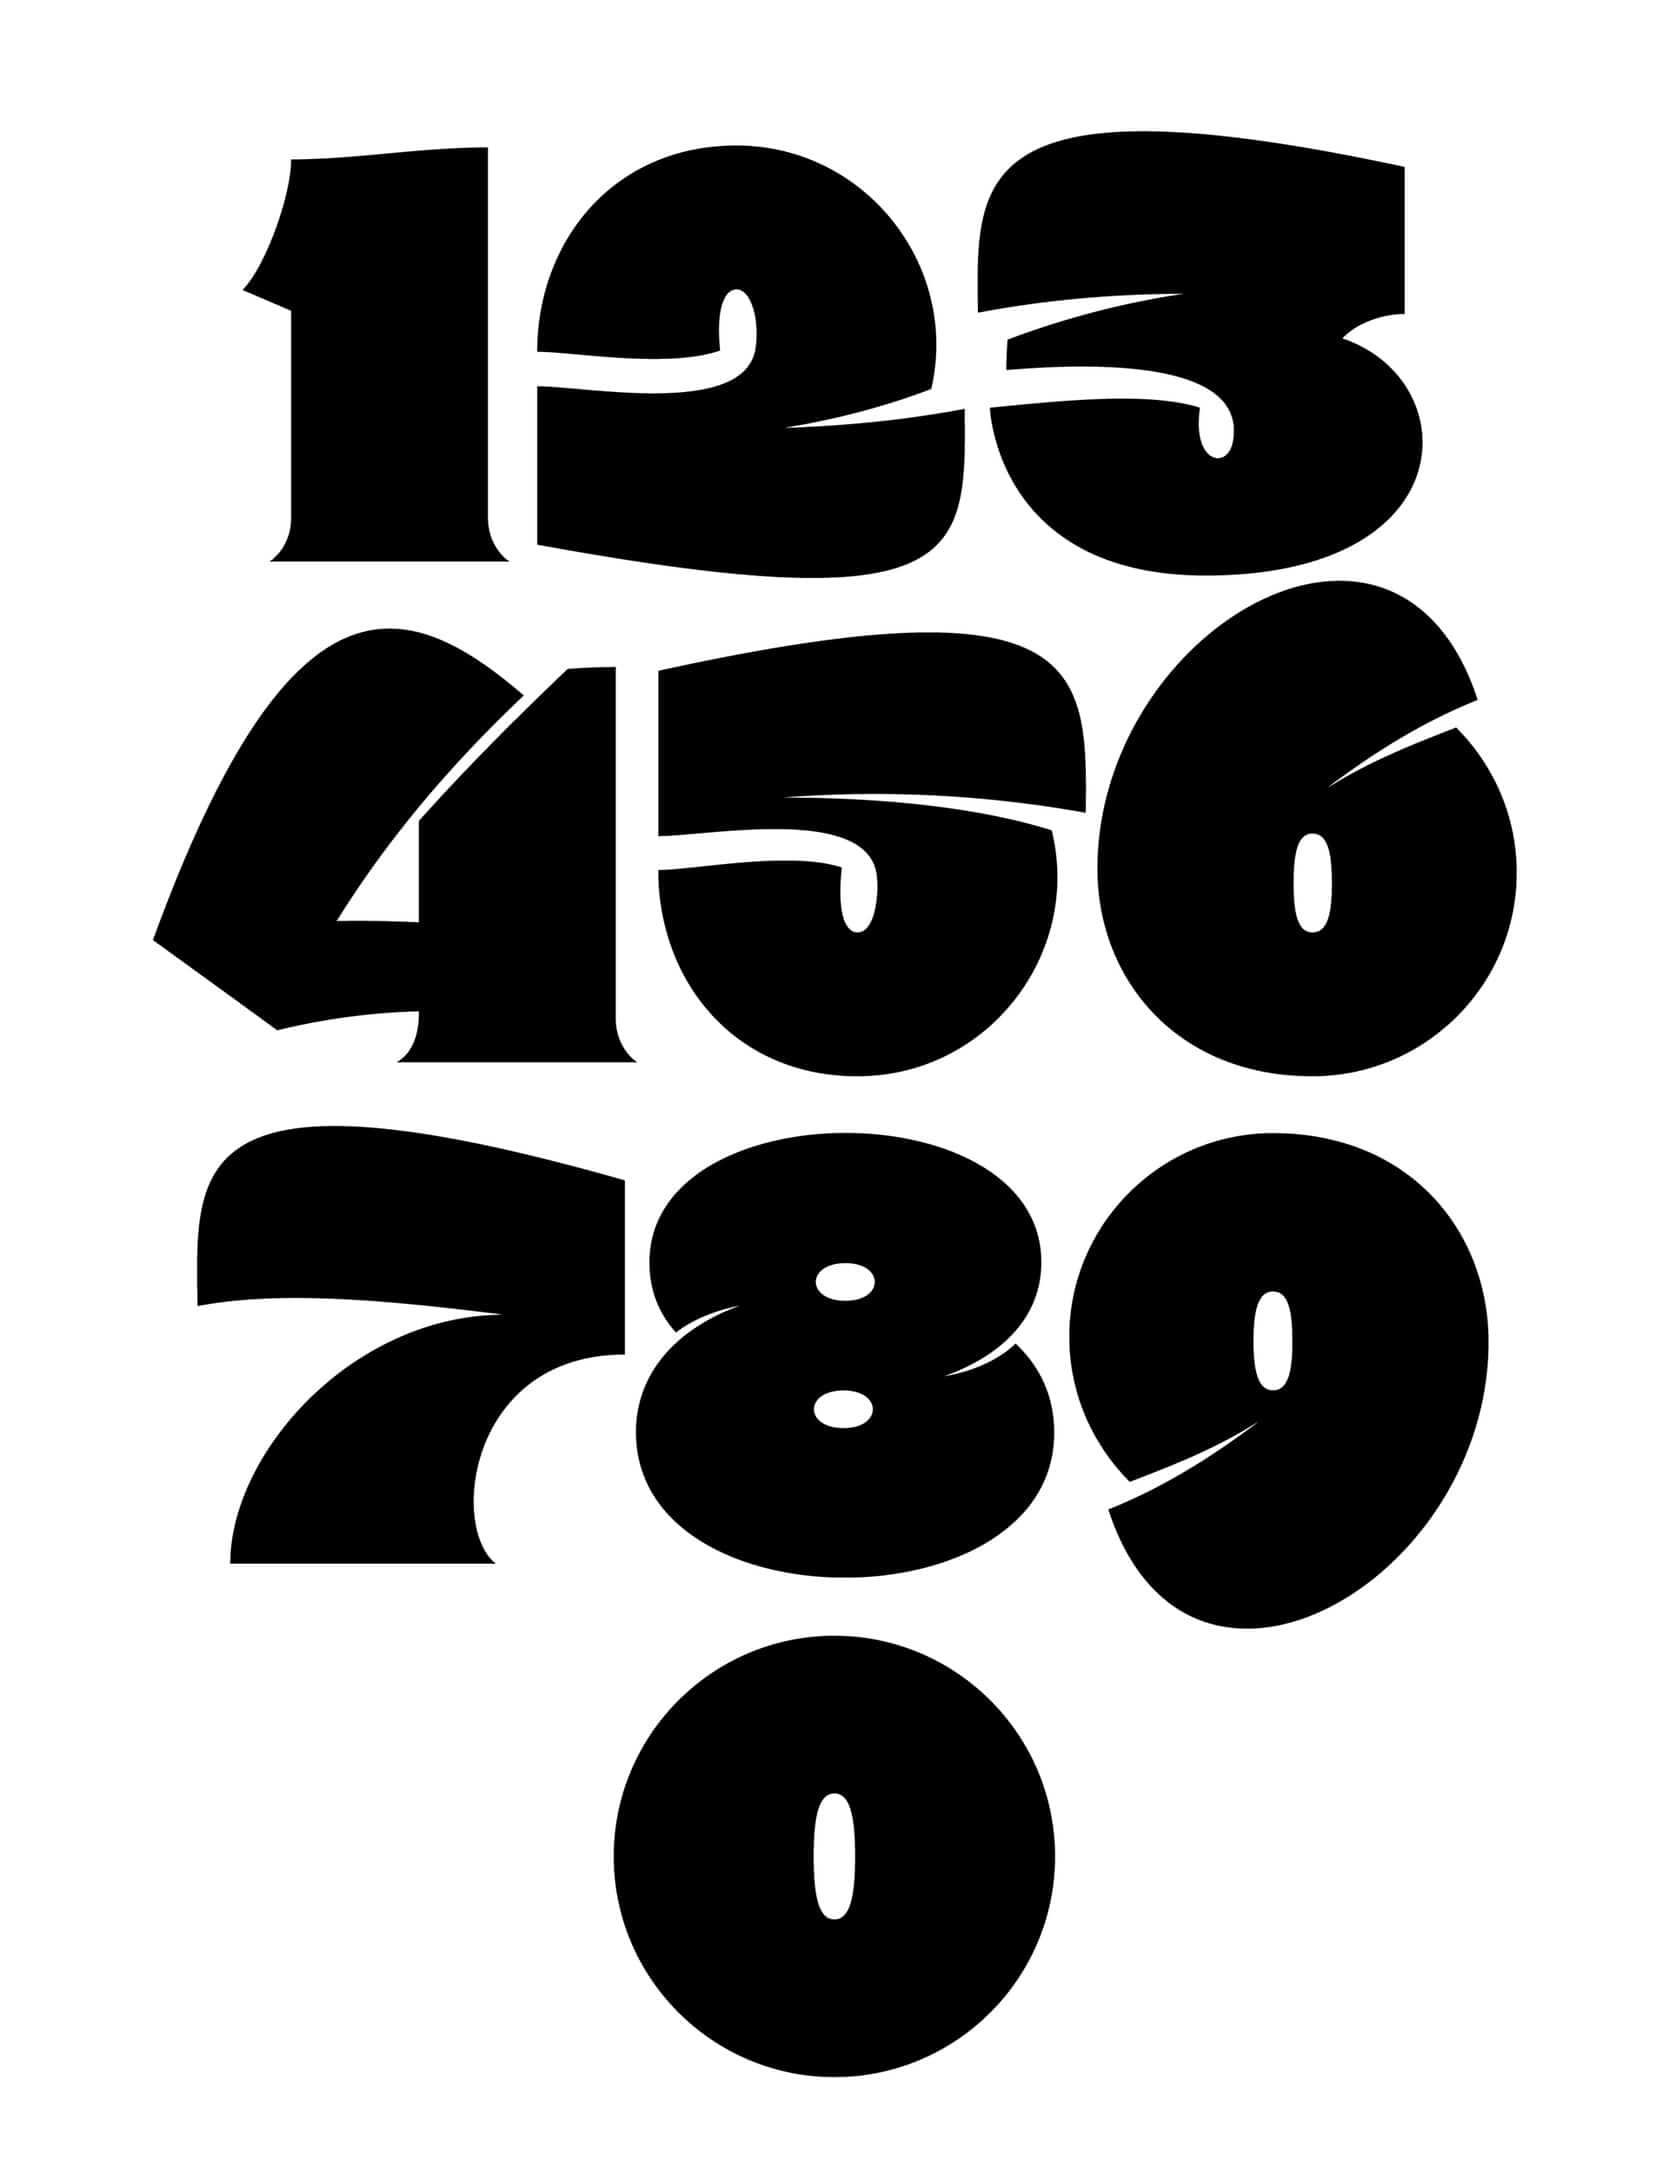 AHB Numeros шрифт скачать бесплатно